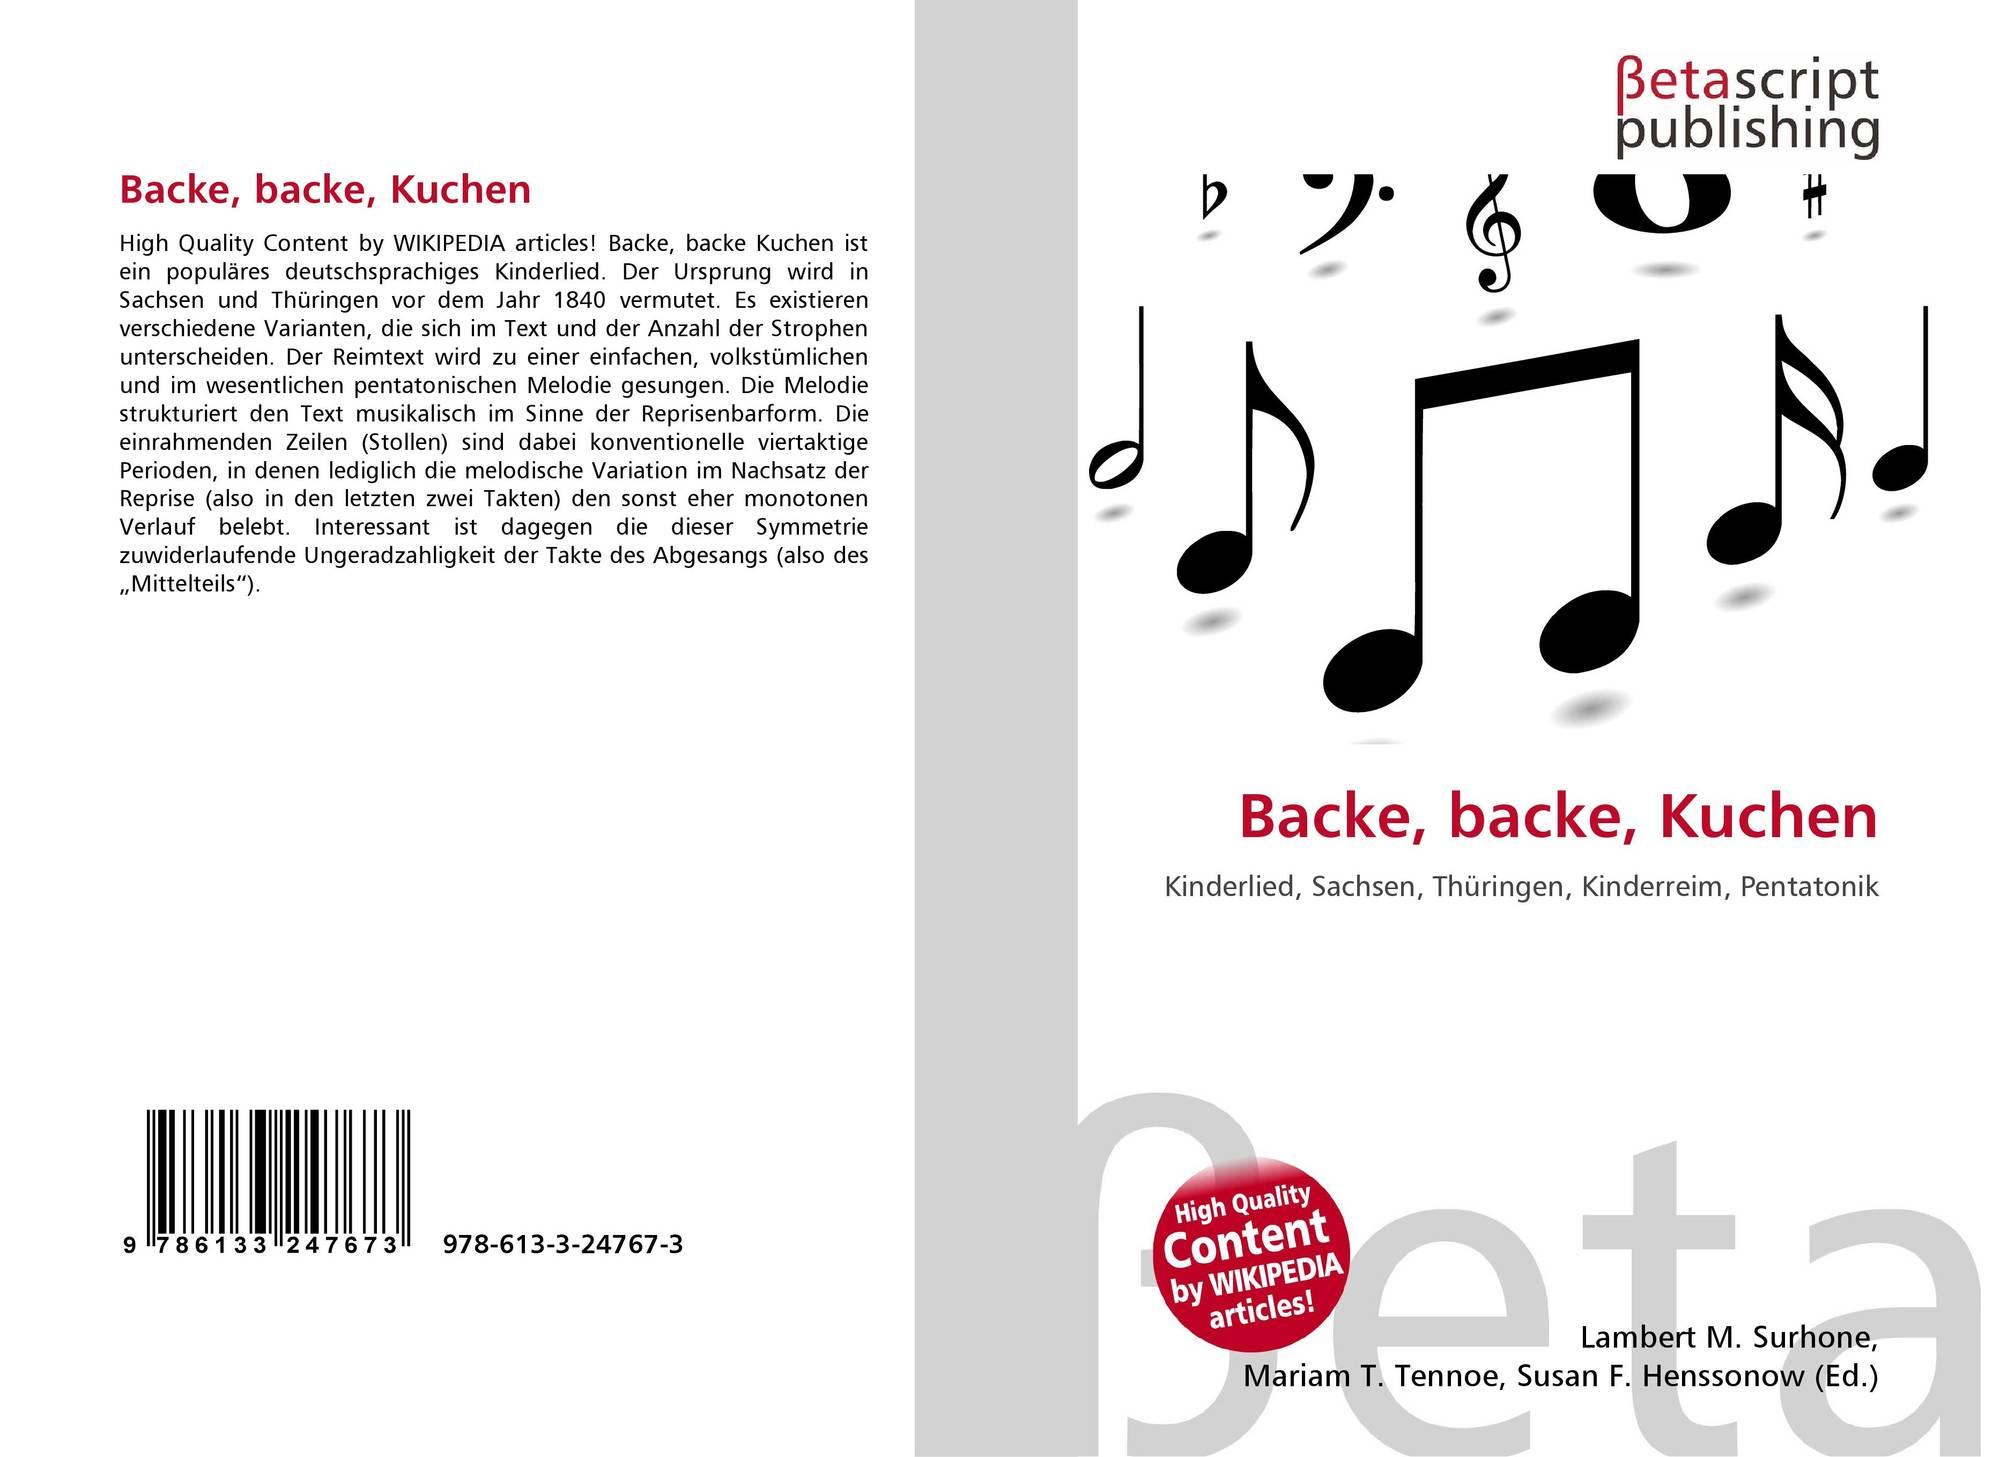 Backe Backe Kuchen 978 613 3 24767 3 6133247673 9786133247673